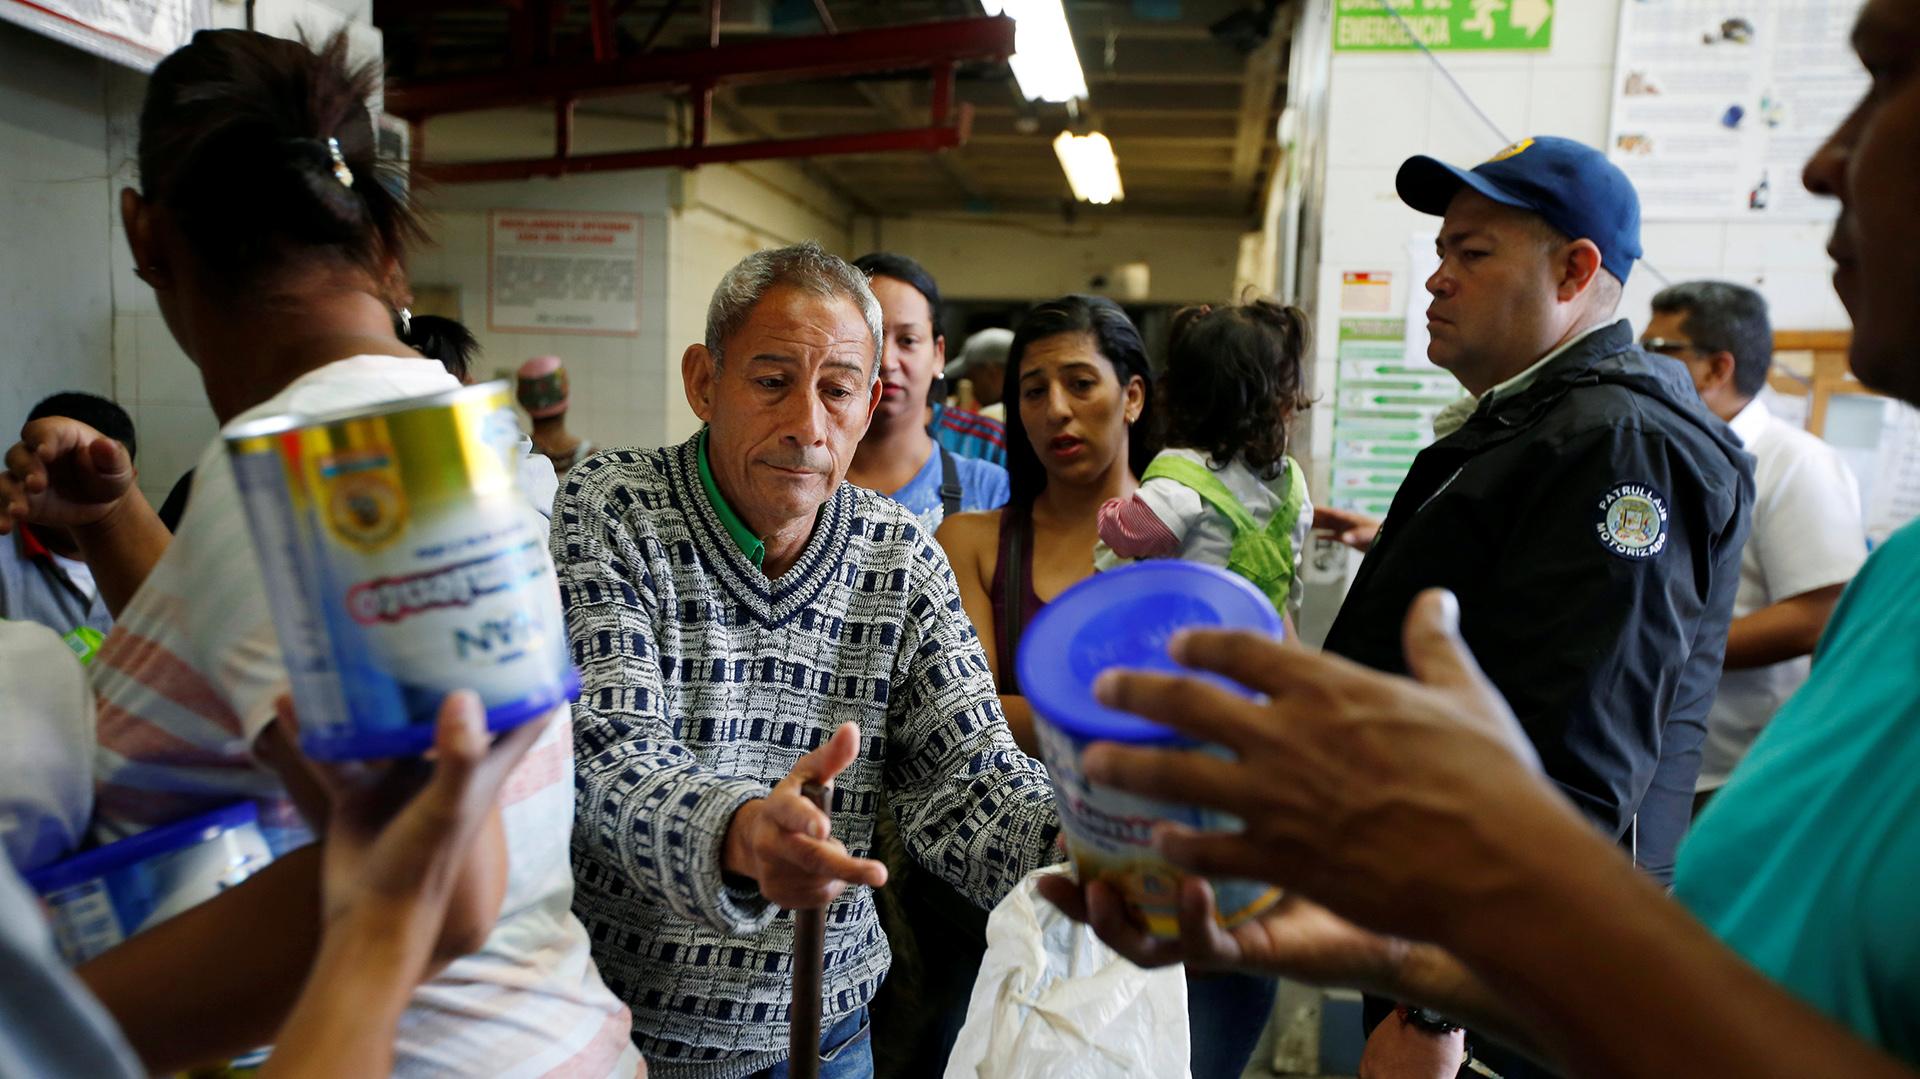 Al menos 25 productos básicos están escasos en los mercados. Entre estos, se encuentran la leche en polvo, el pollo, la carne de res, la margarina, el azúcar, el aceite de maíz, los huevos de gallina, las arvejas, las lentejas, el arroz, la harina de trigo, la avena, el pan, el café y la salsa de tomate (Reuters)